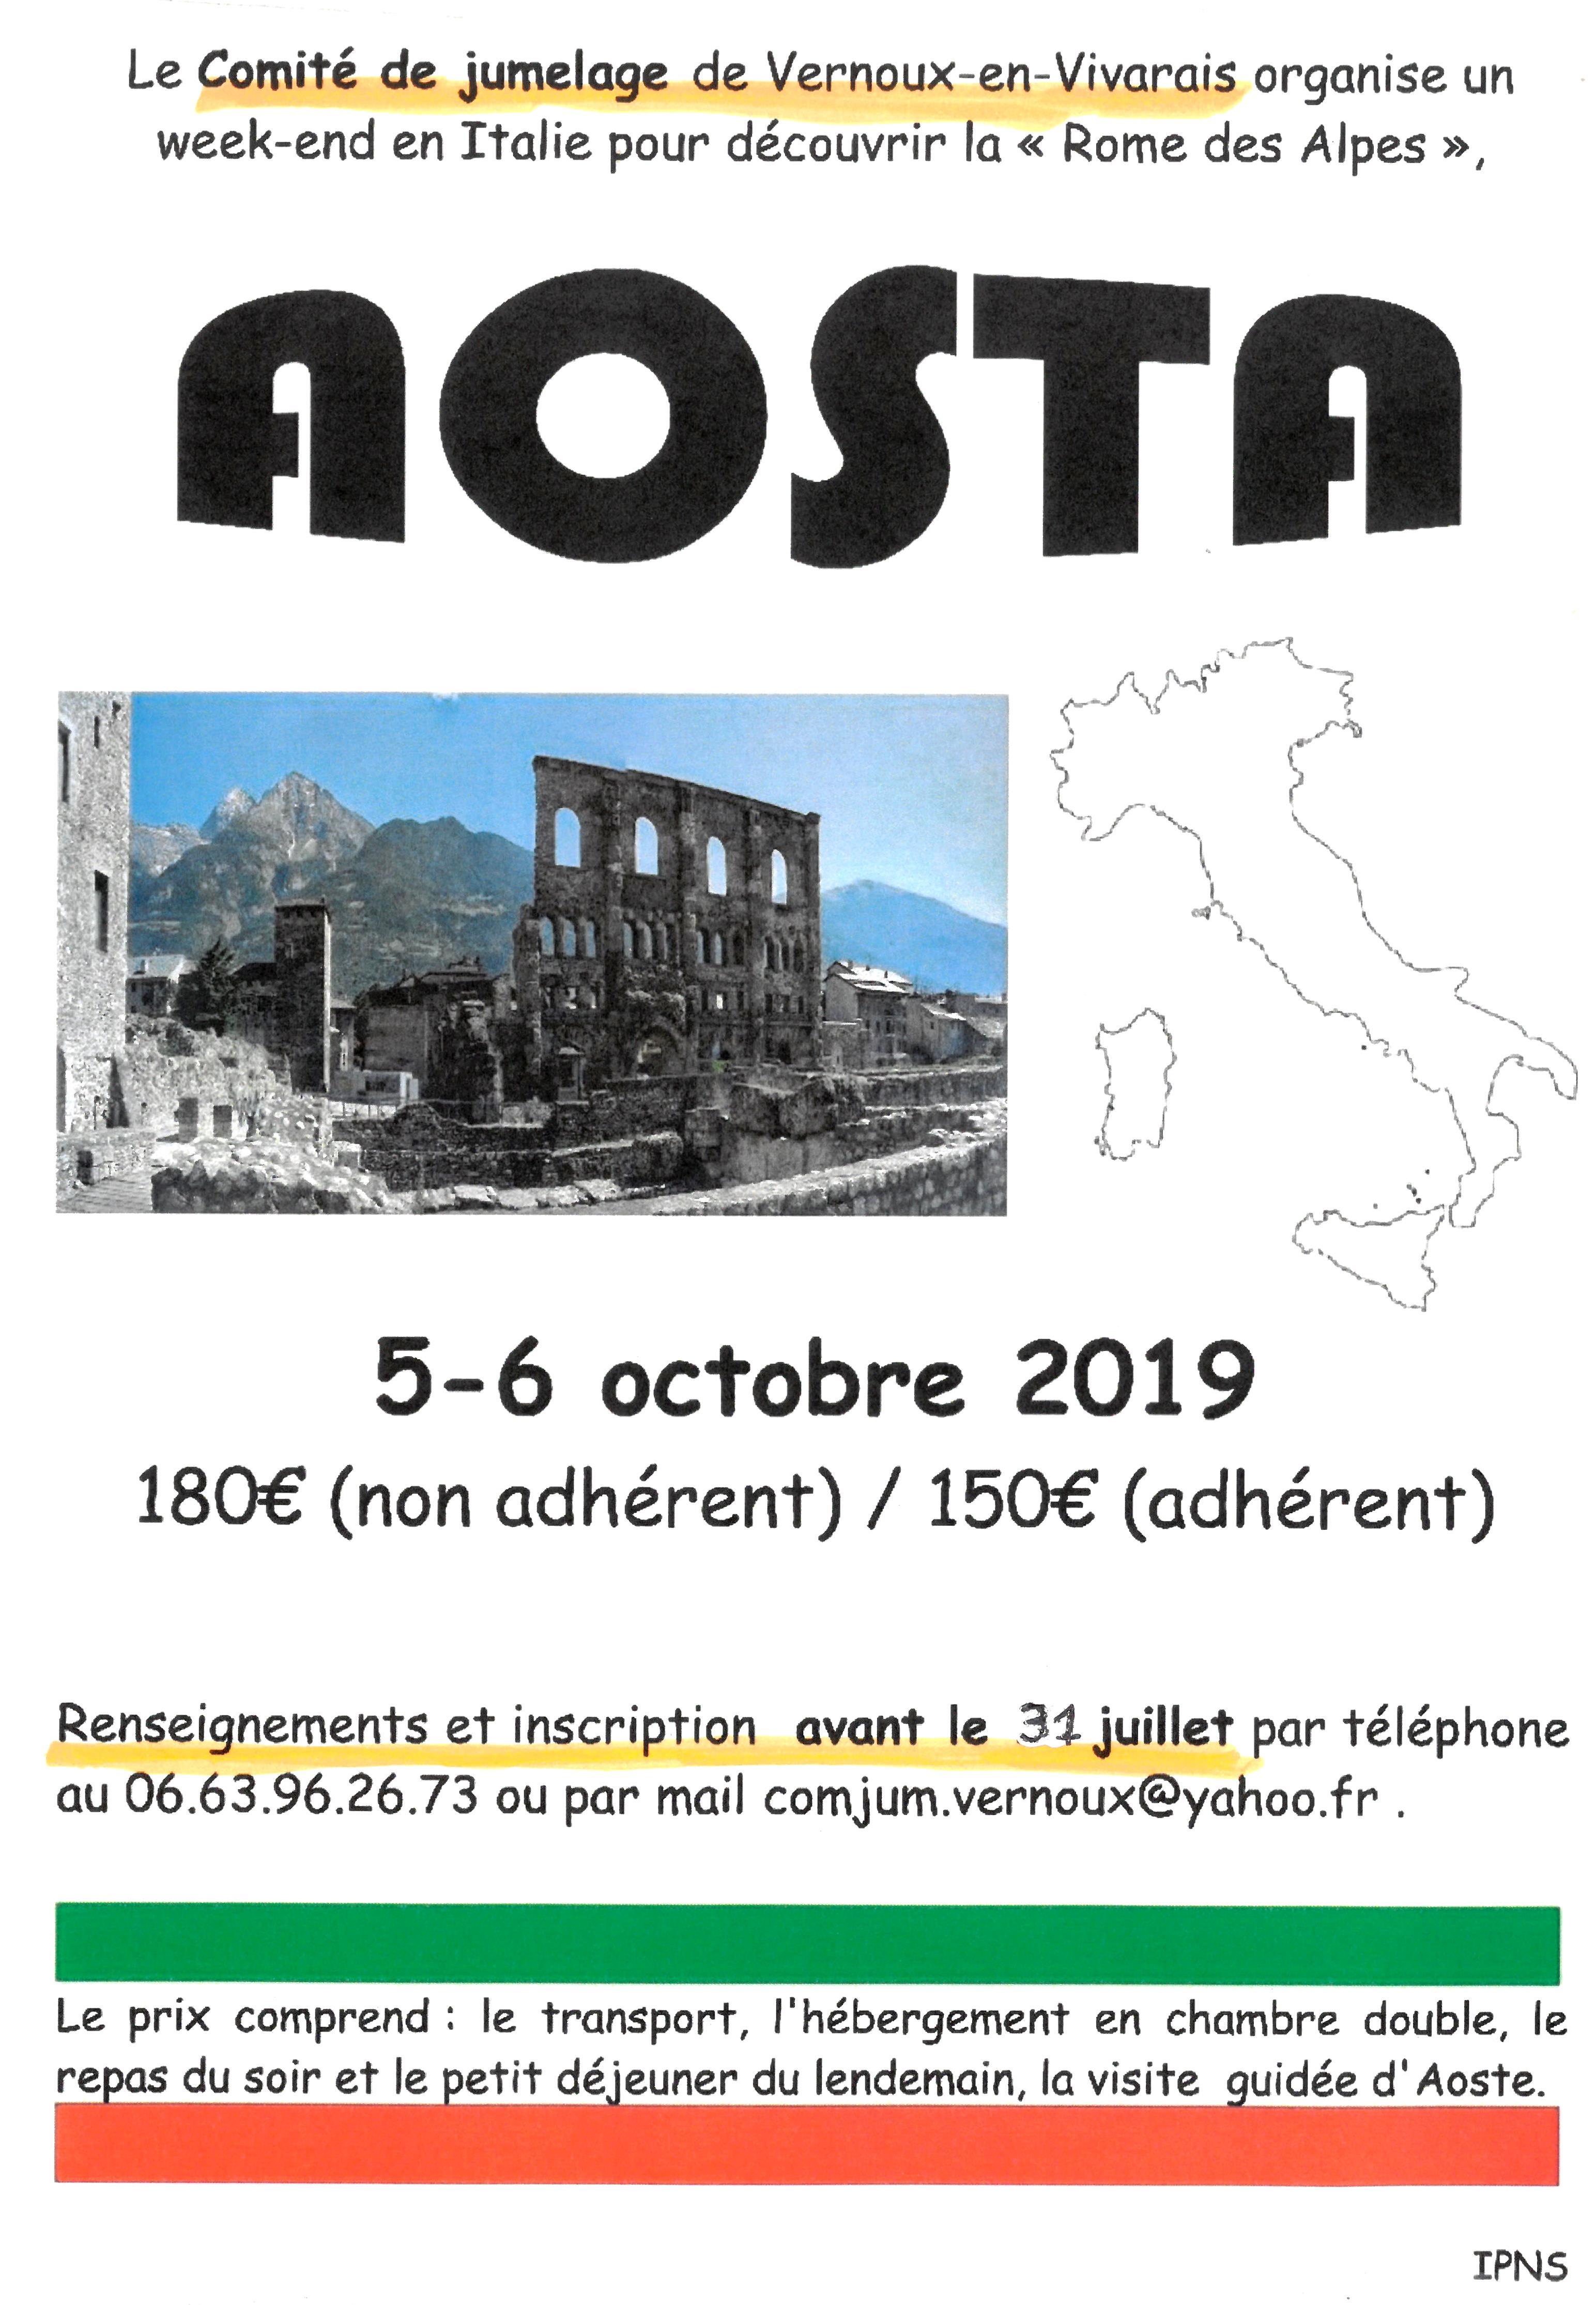 Rendez-vous futés ! : Voyage à Aoste (Italie) avec le Comité de jumelage de Vernoux-en-Vivarais